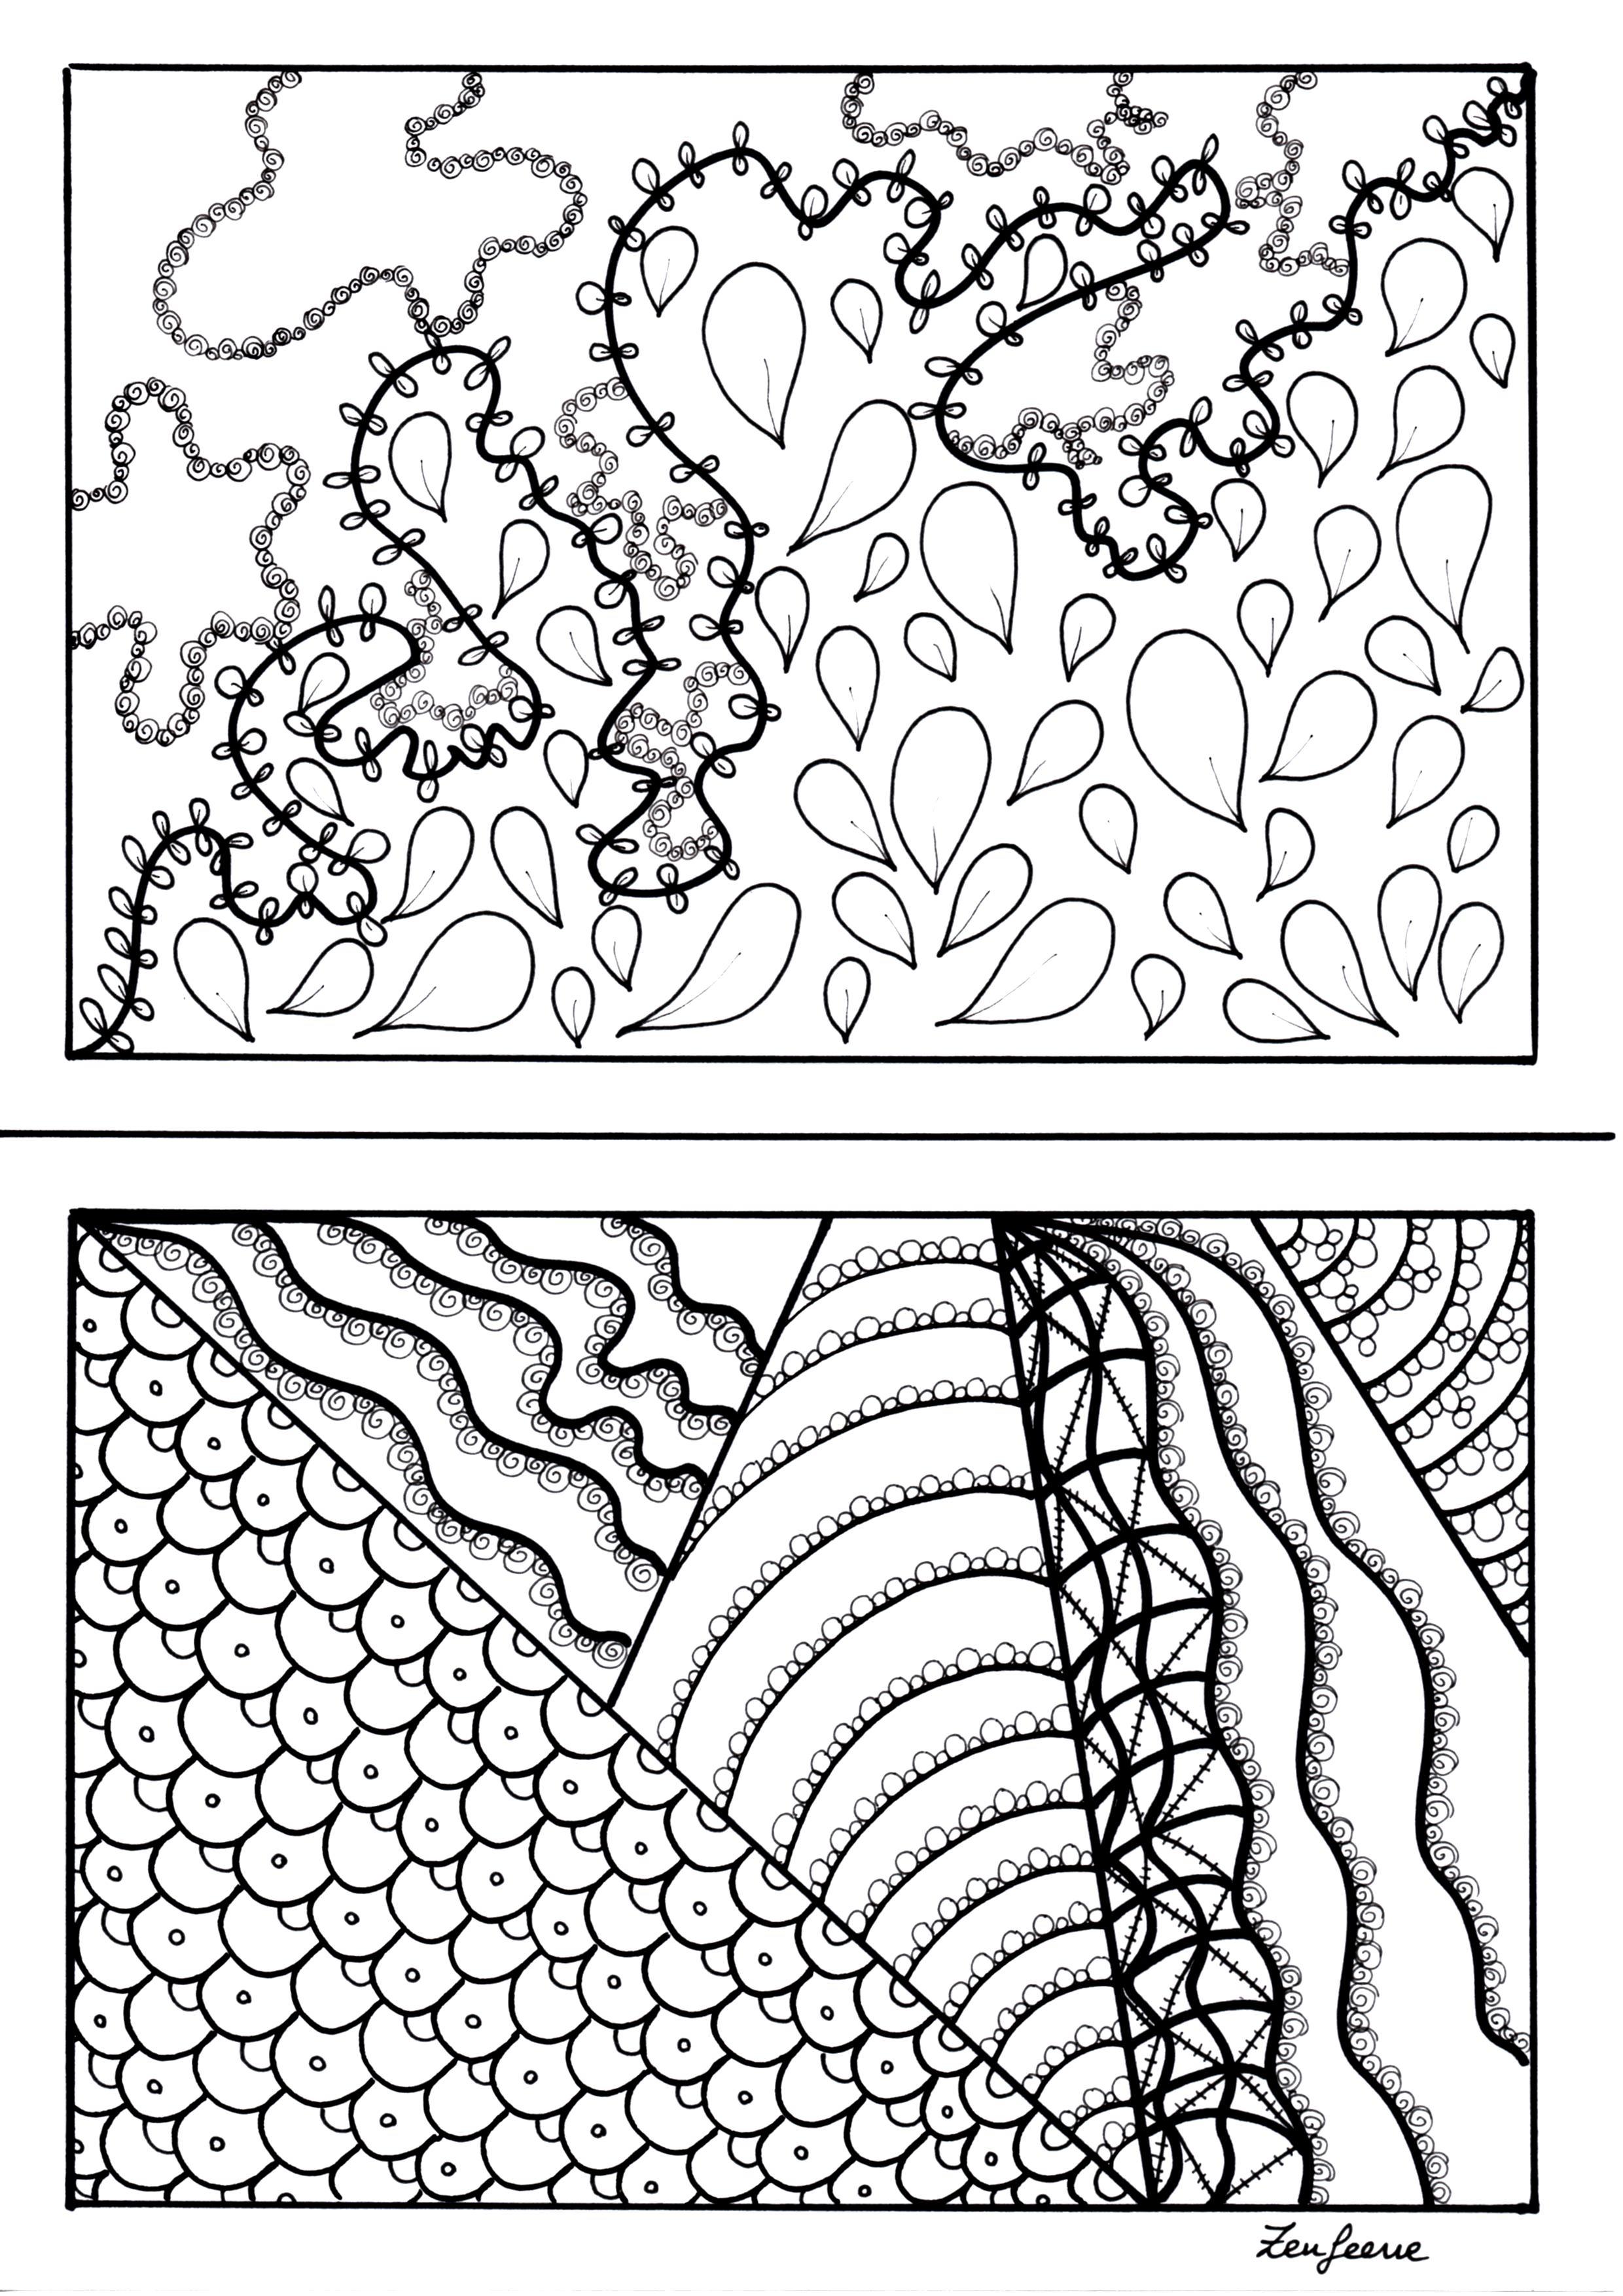 Disegni da colorare per adulti : Zentangle - 27